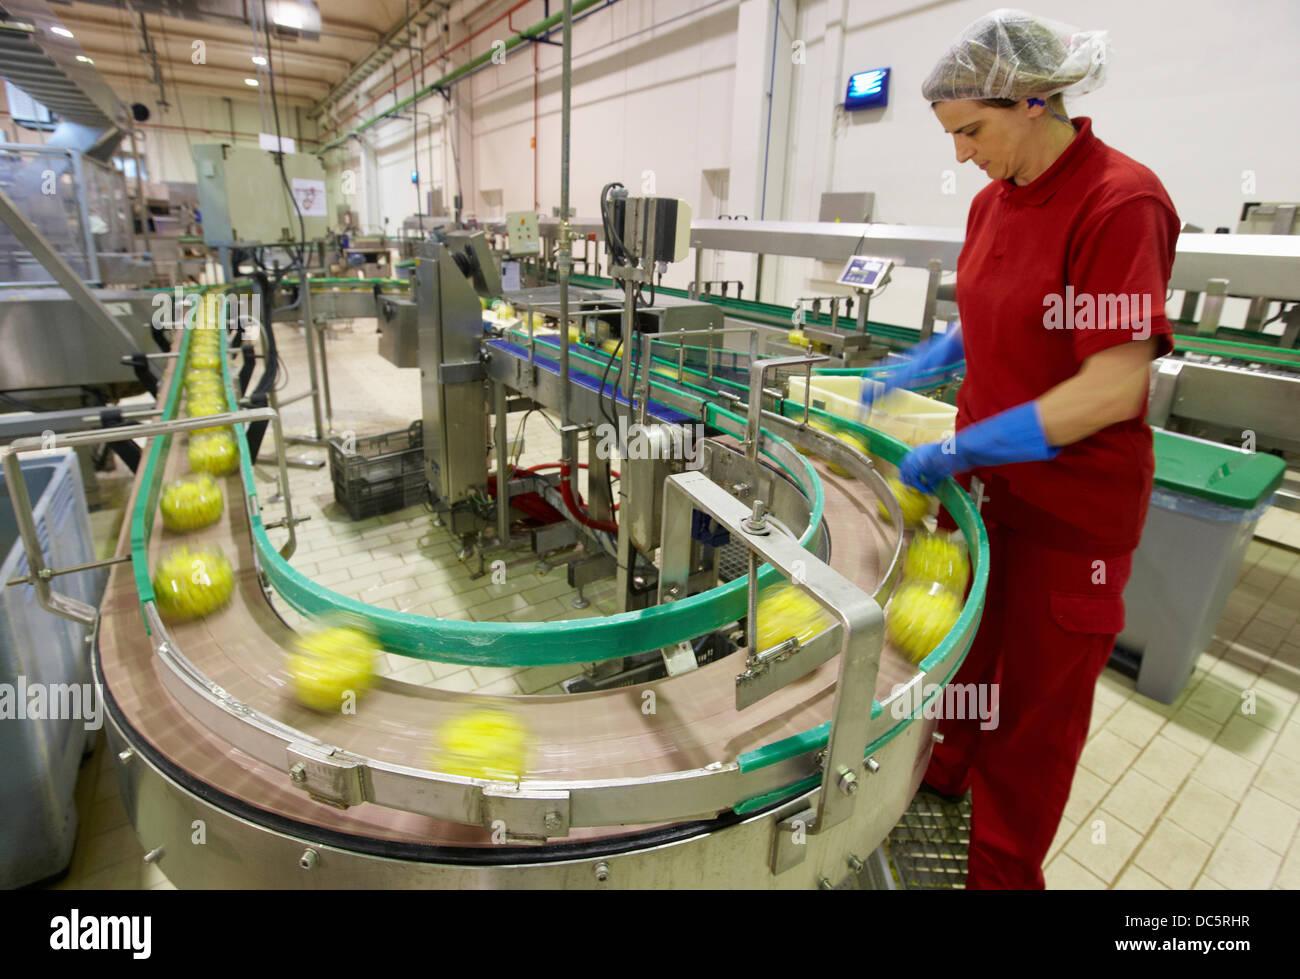 Produktionslinie von Gemüsekonserven und Bohnen in Glasflasche, Mais, Mais, Konservenindustrie, Agrar-und Ernährungswirtschaft, Stockbild